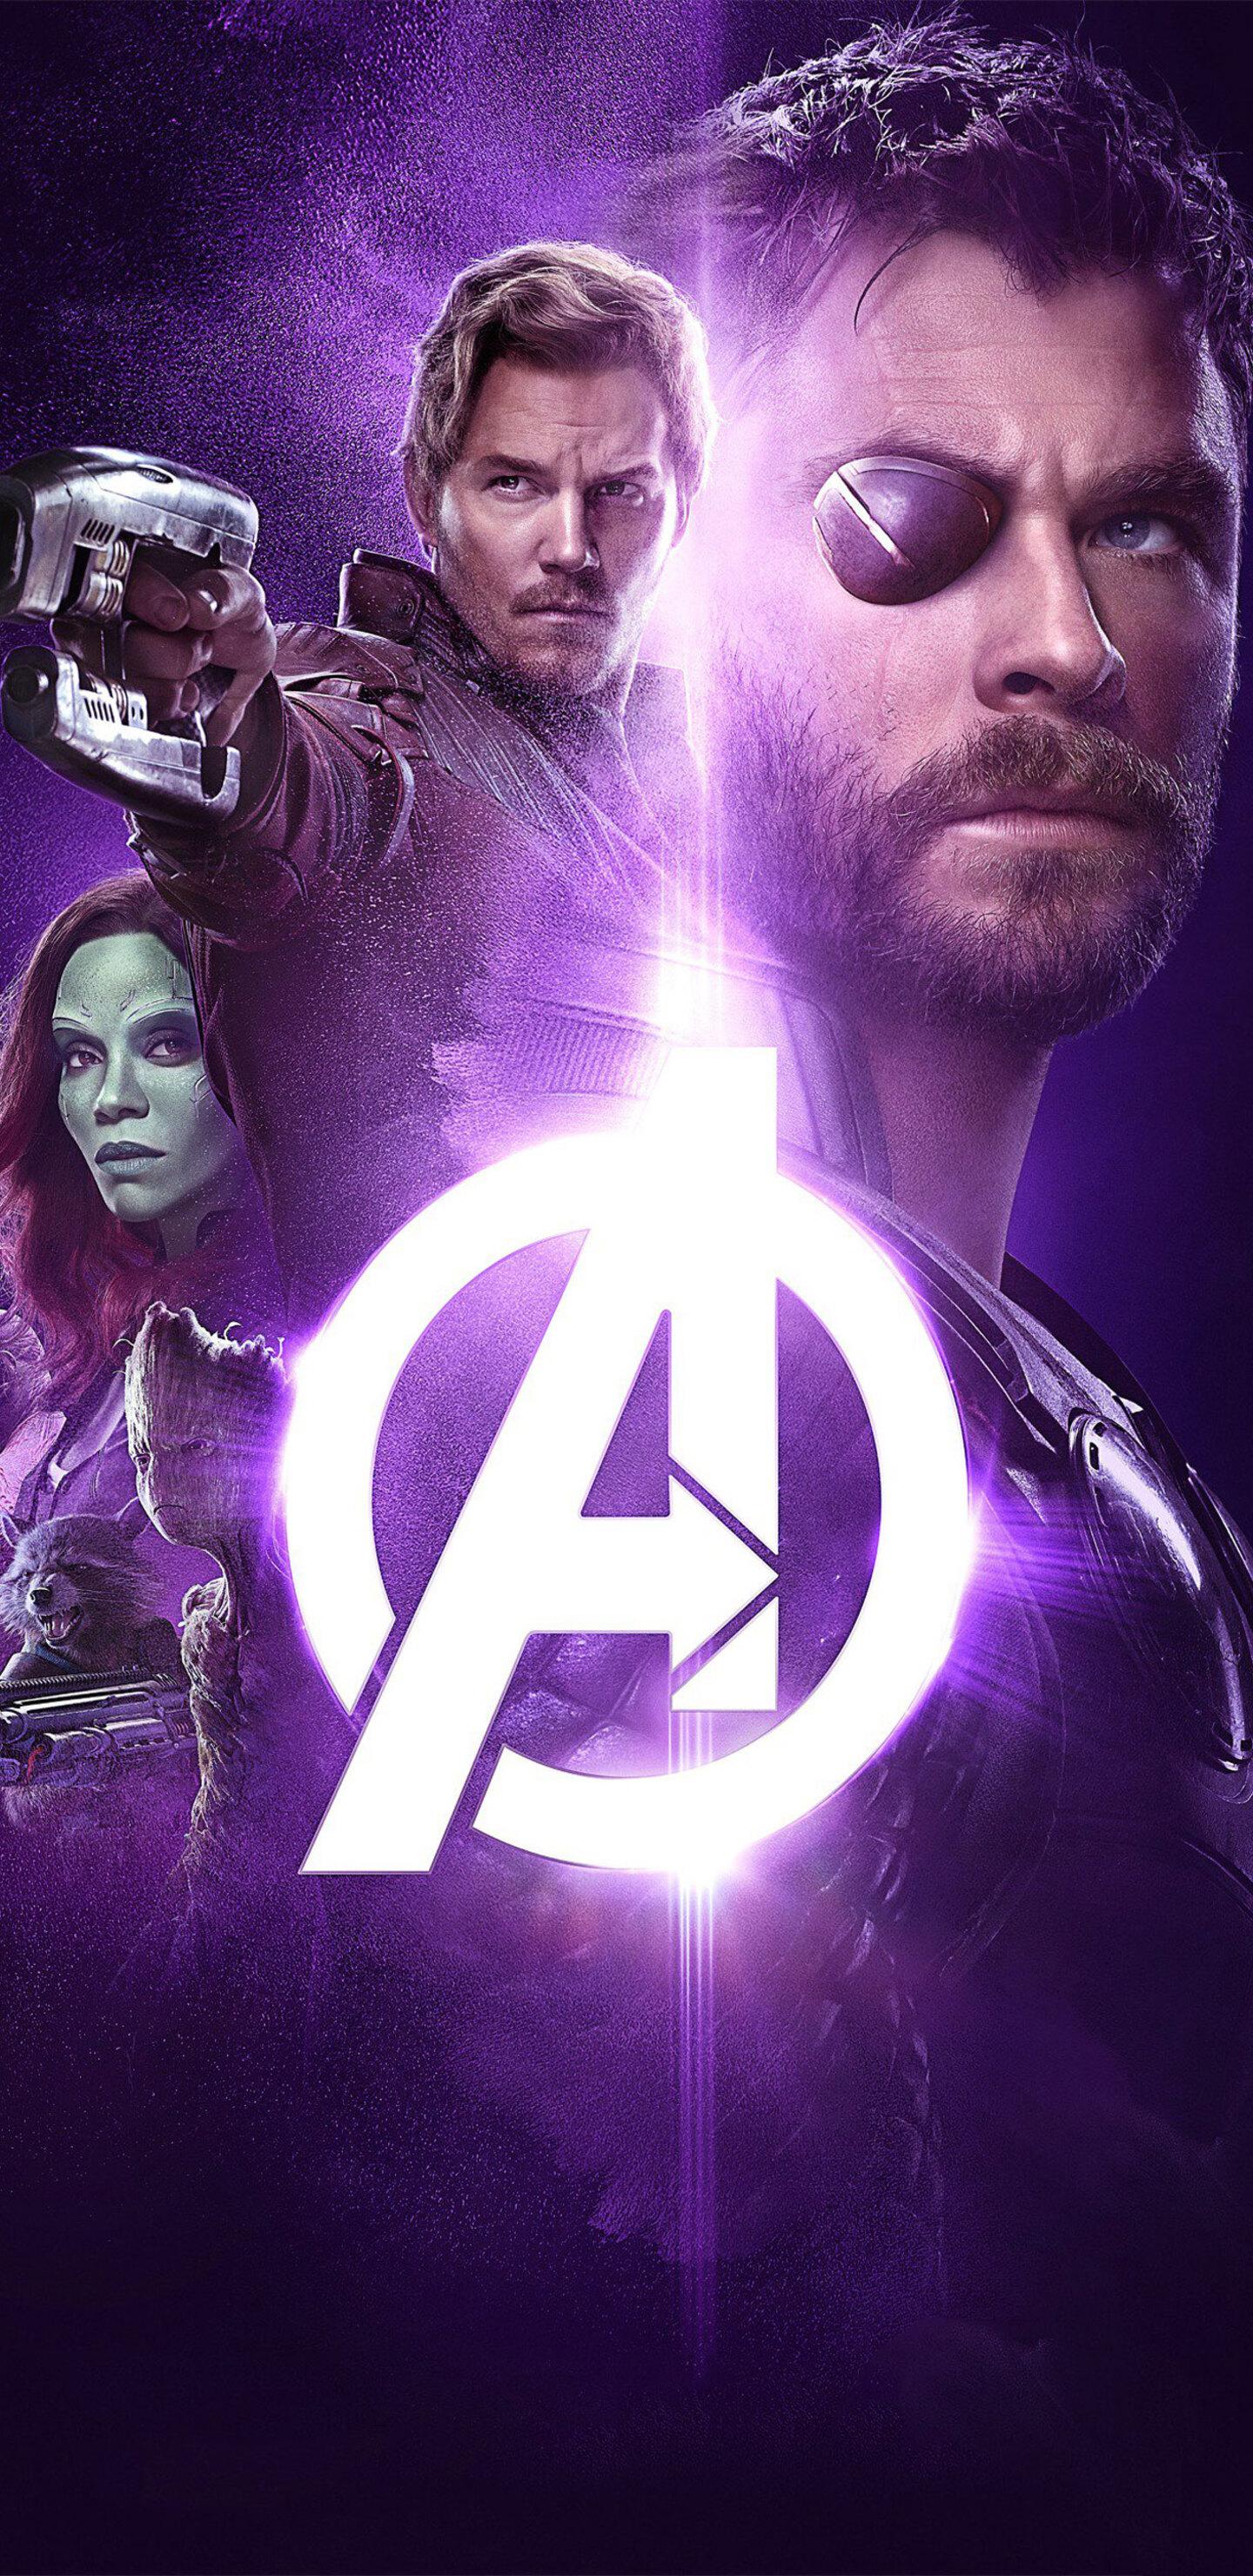 avengers-infinity-war-2018-power-stone-poster-4k-8q.jpg